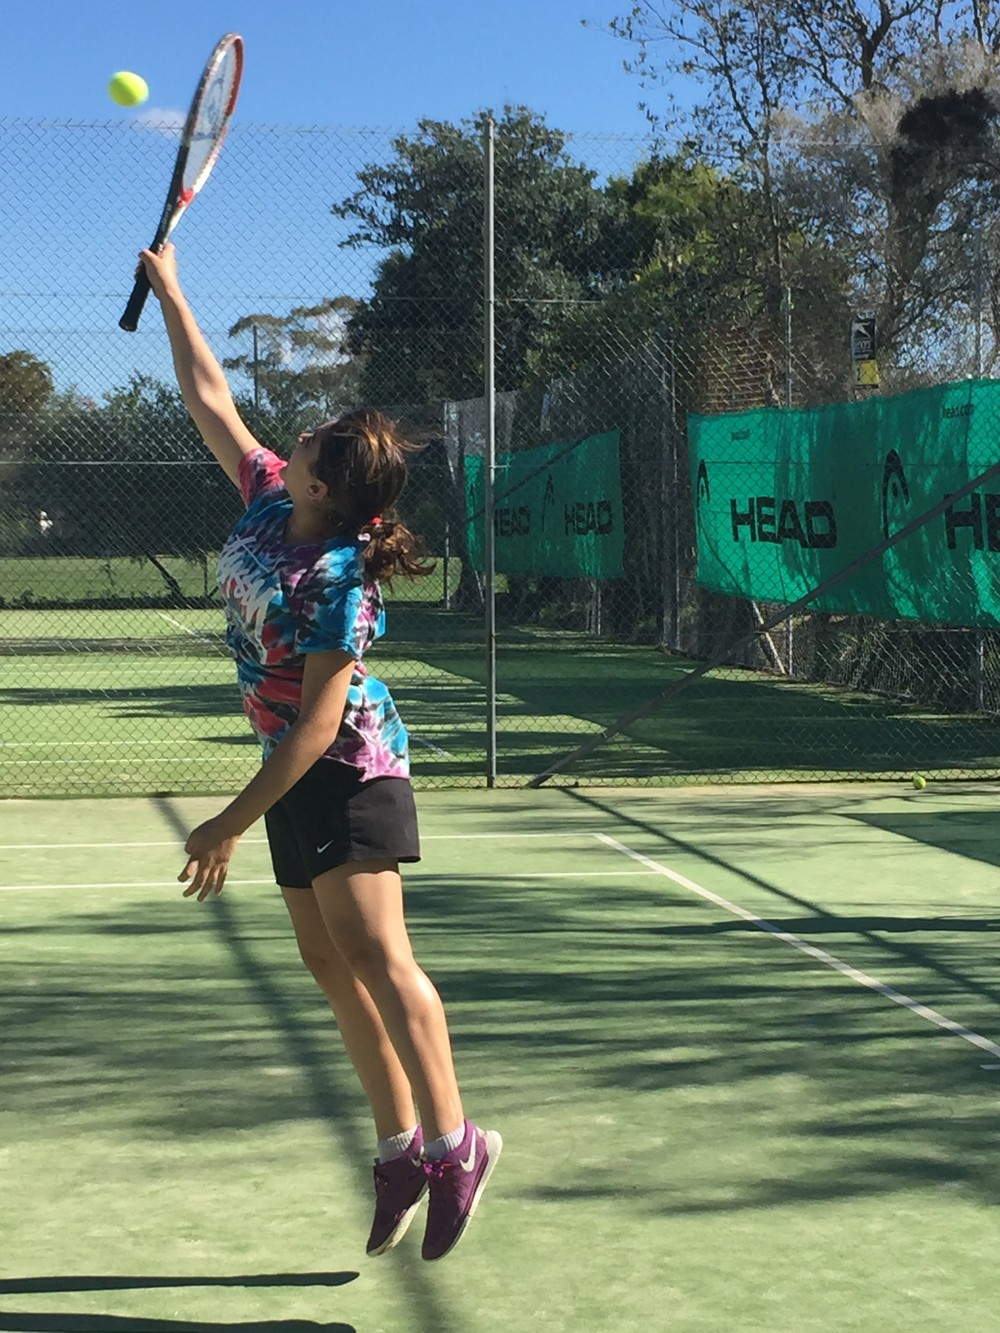 Tennis-10-e1462414417642.jpg